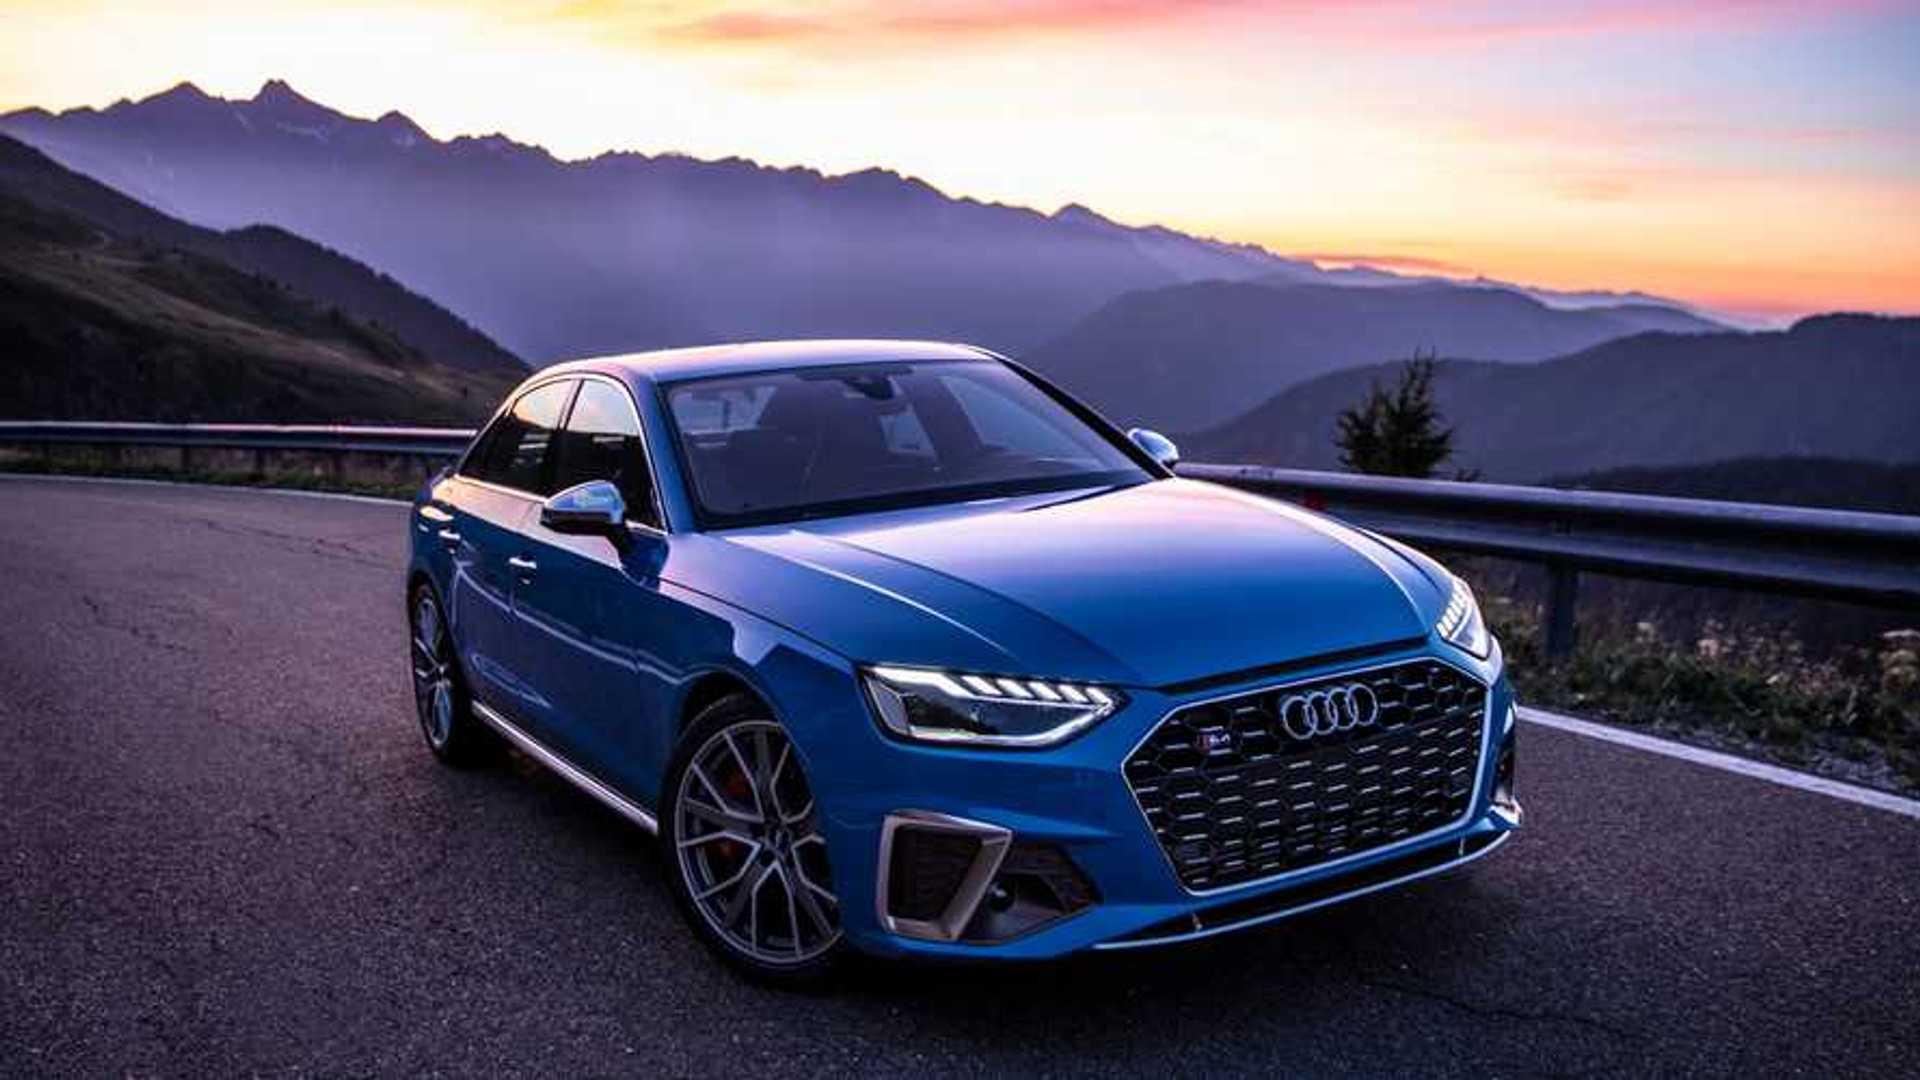 2020 Audi S4 Sedan, Avant Videos Put Spotlight On The ...